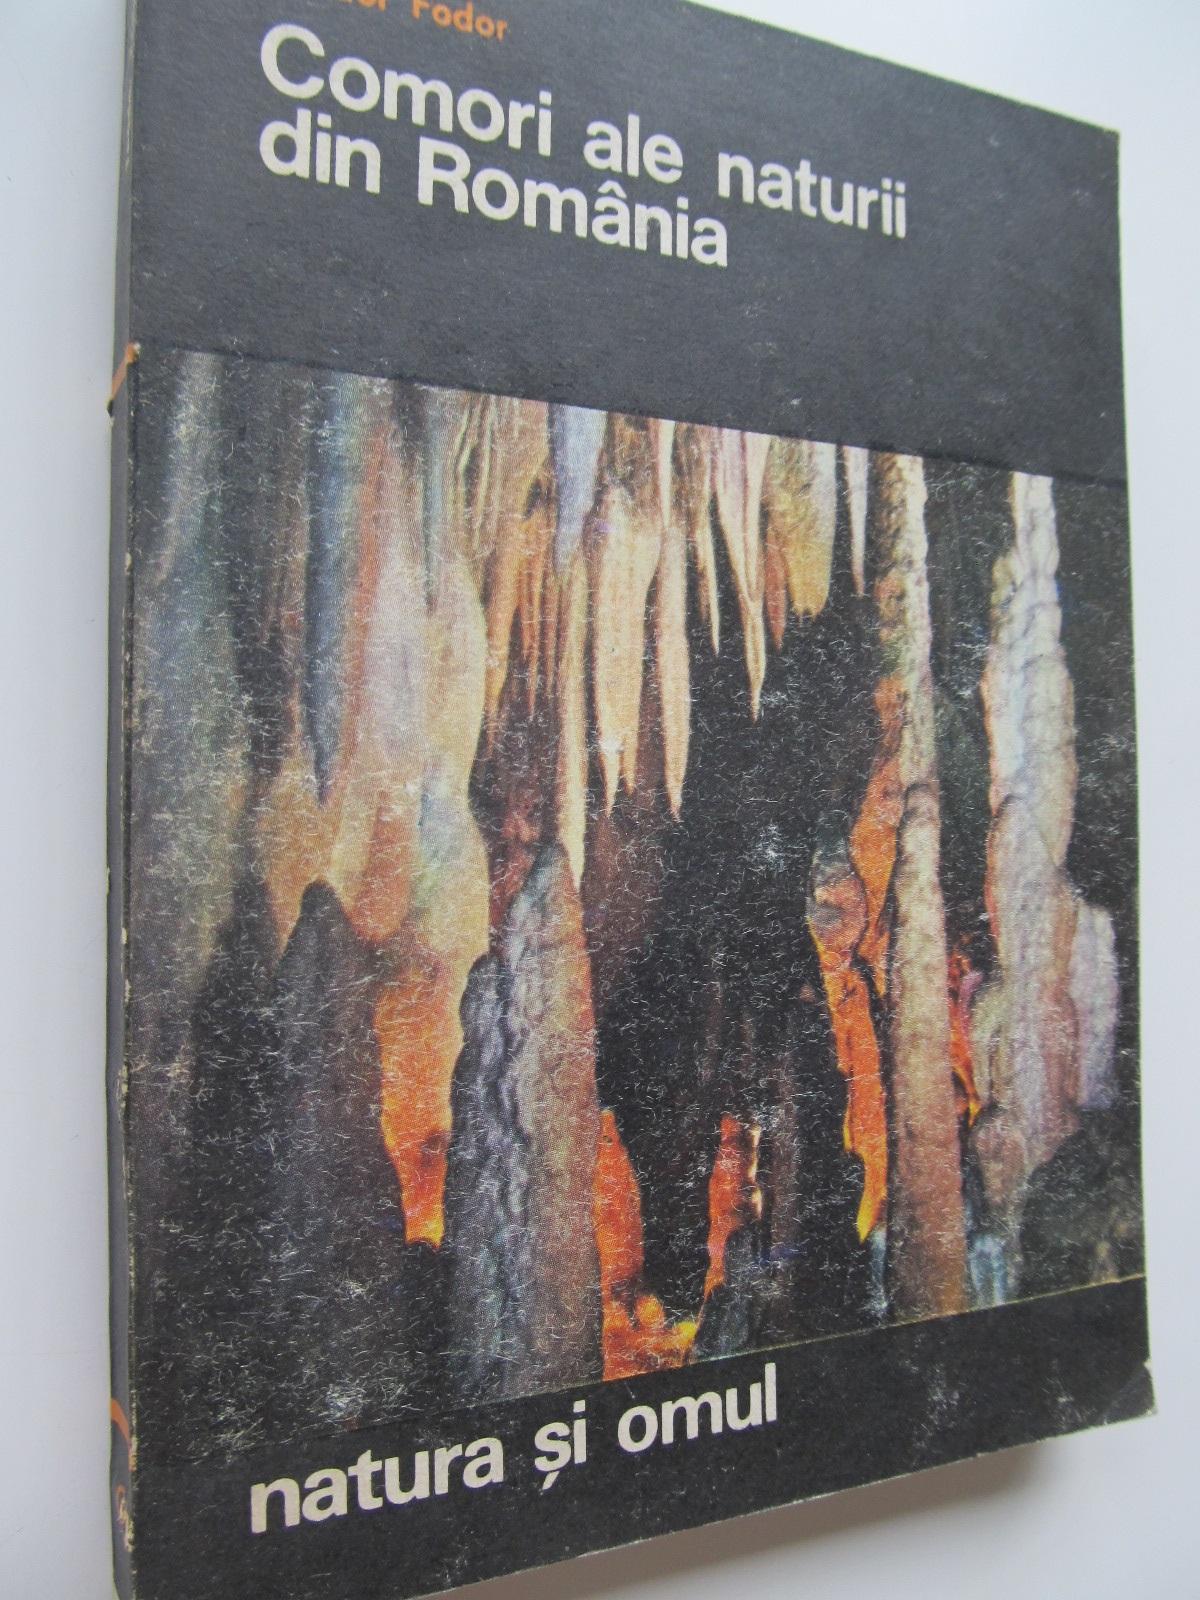 Comori ale naturii din Romania - Teodor Fodor | Detalii carte